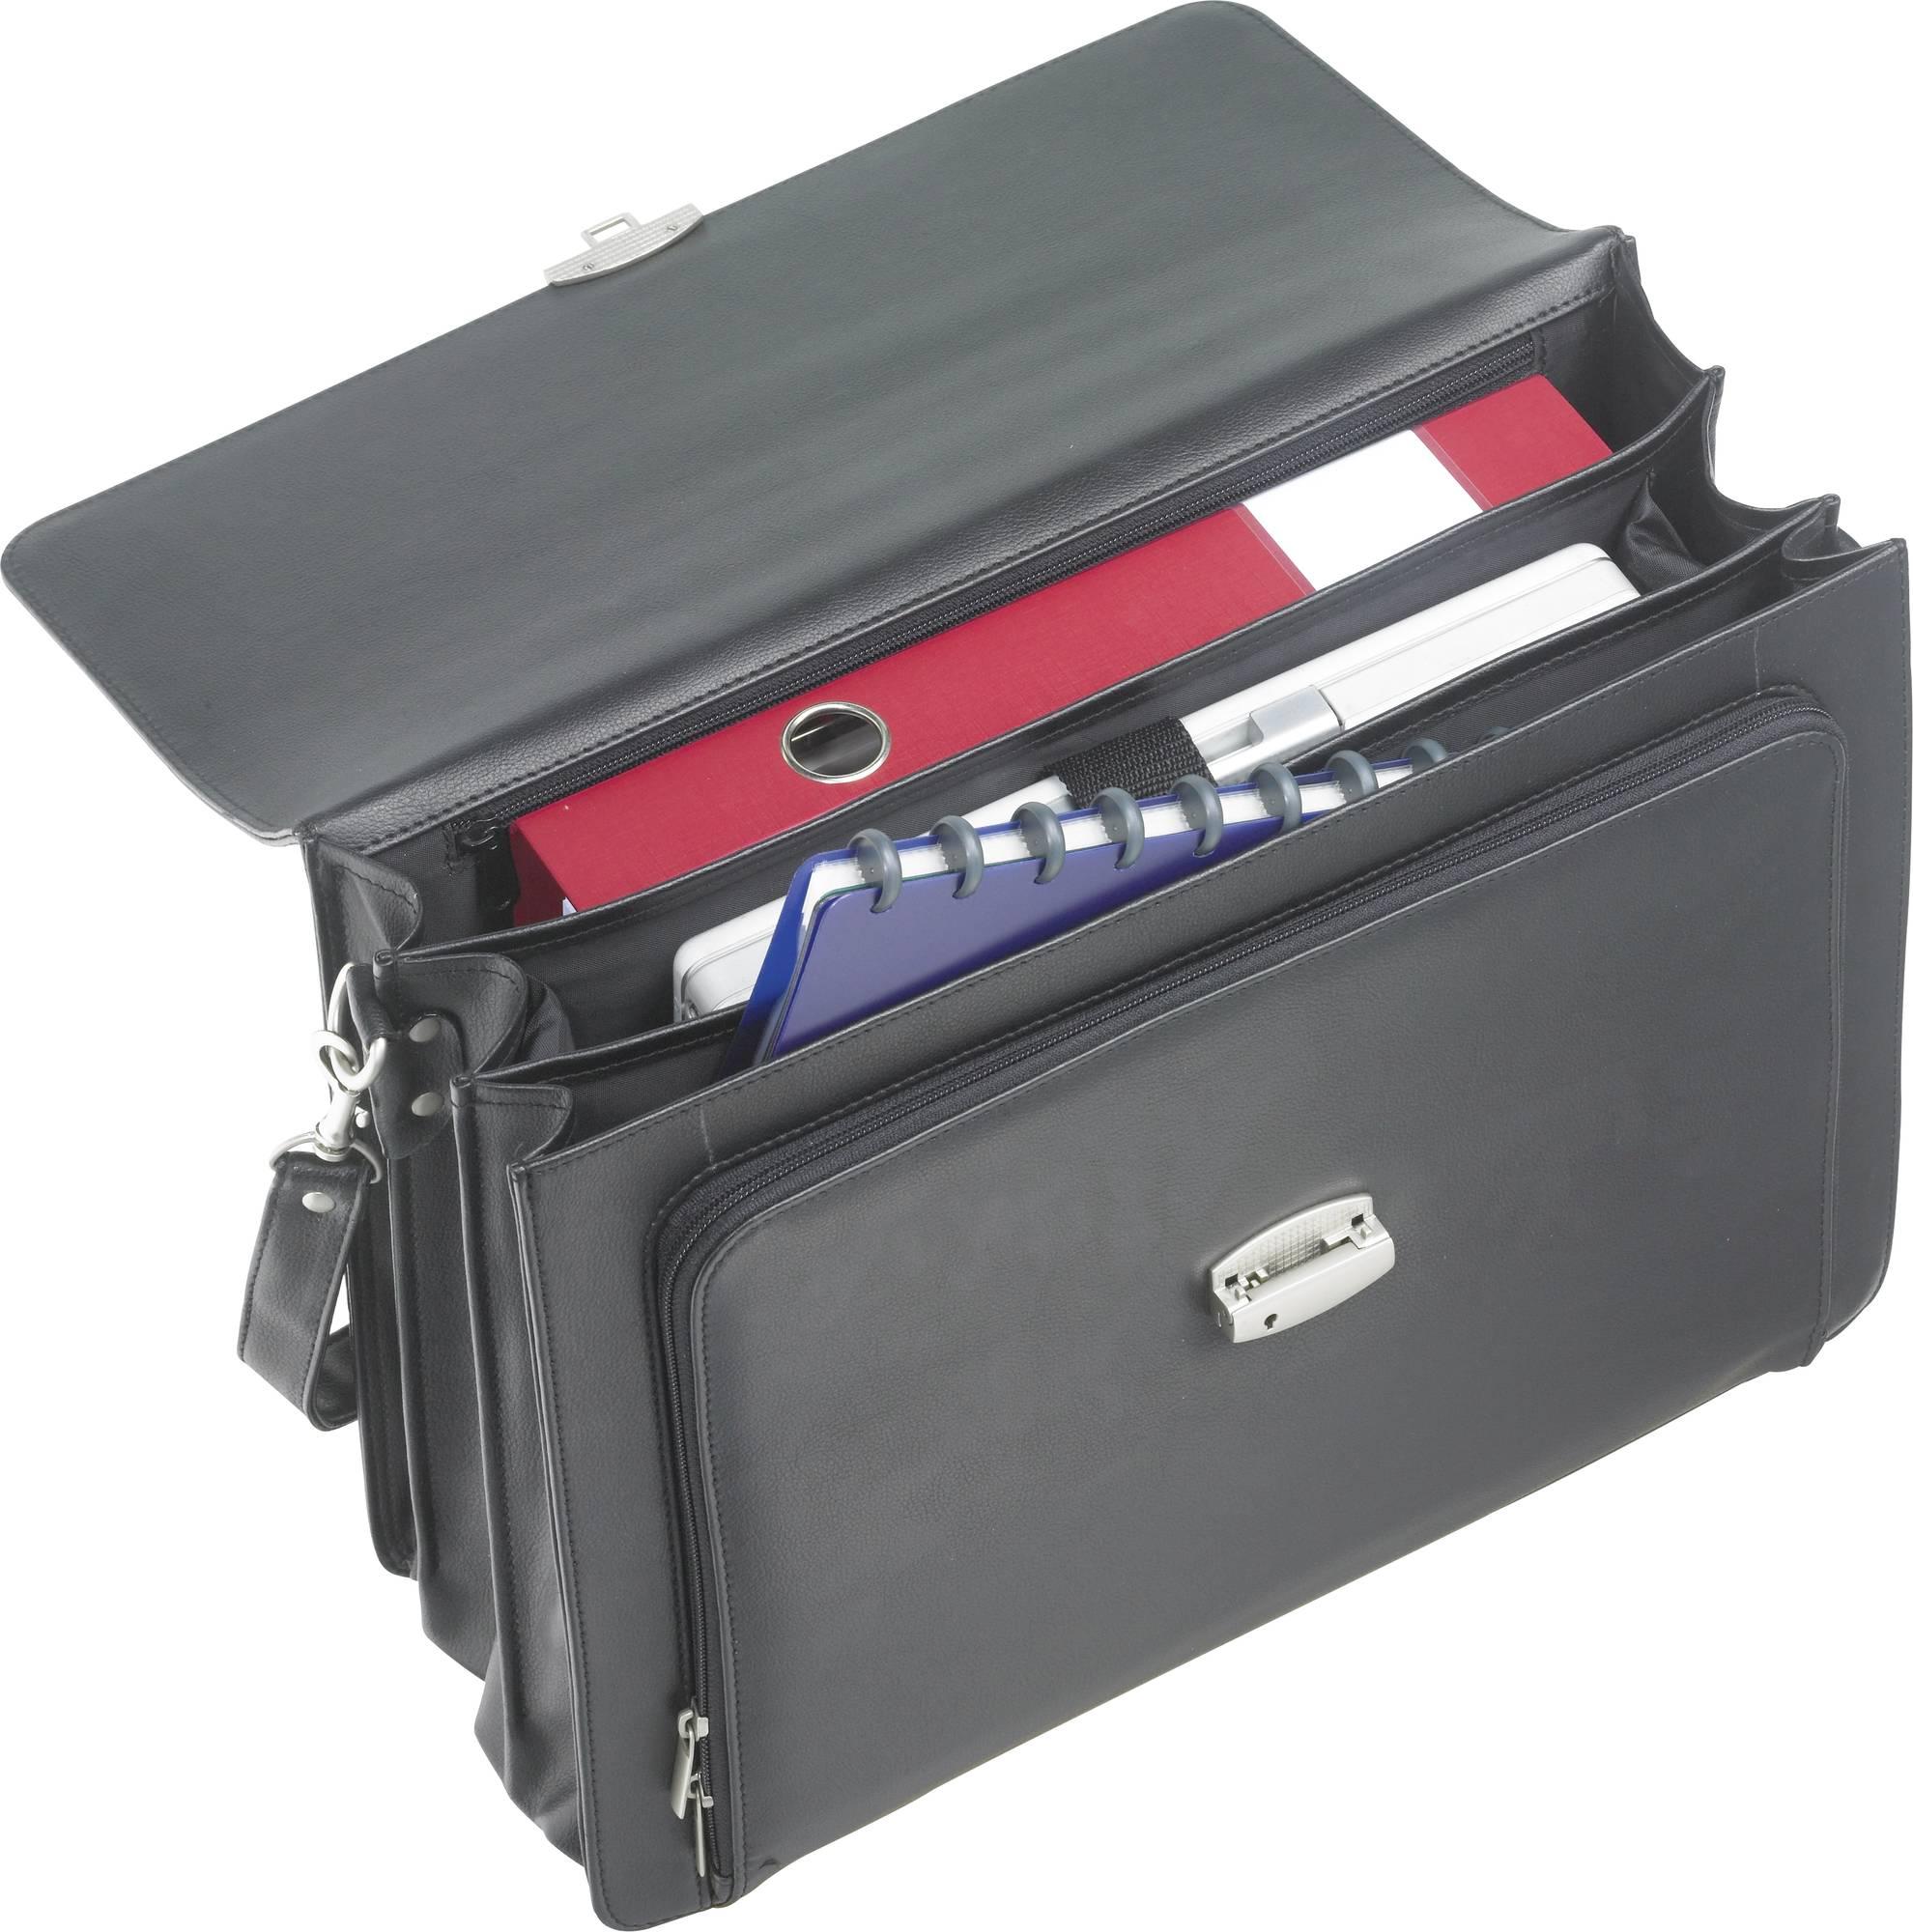 Innenraum Business-Tasche Bibione II Leder in schwarz mit praktischer Fachaufteilung